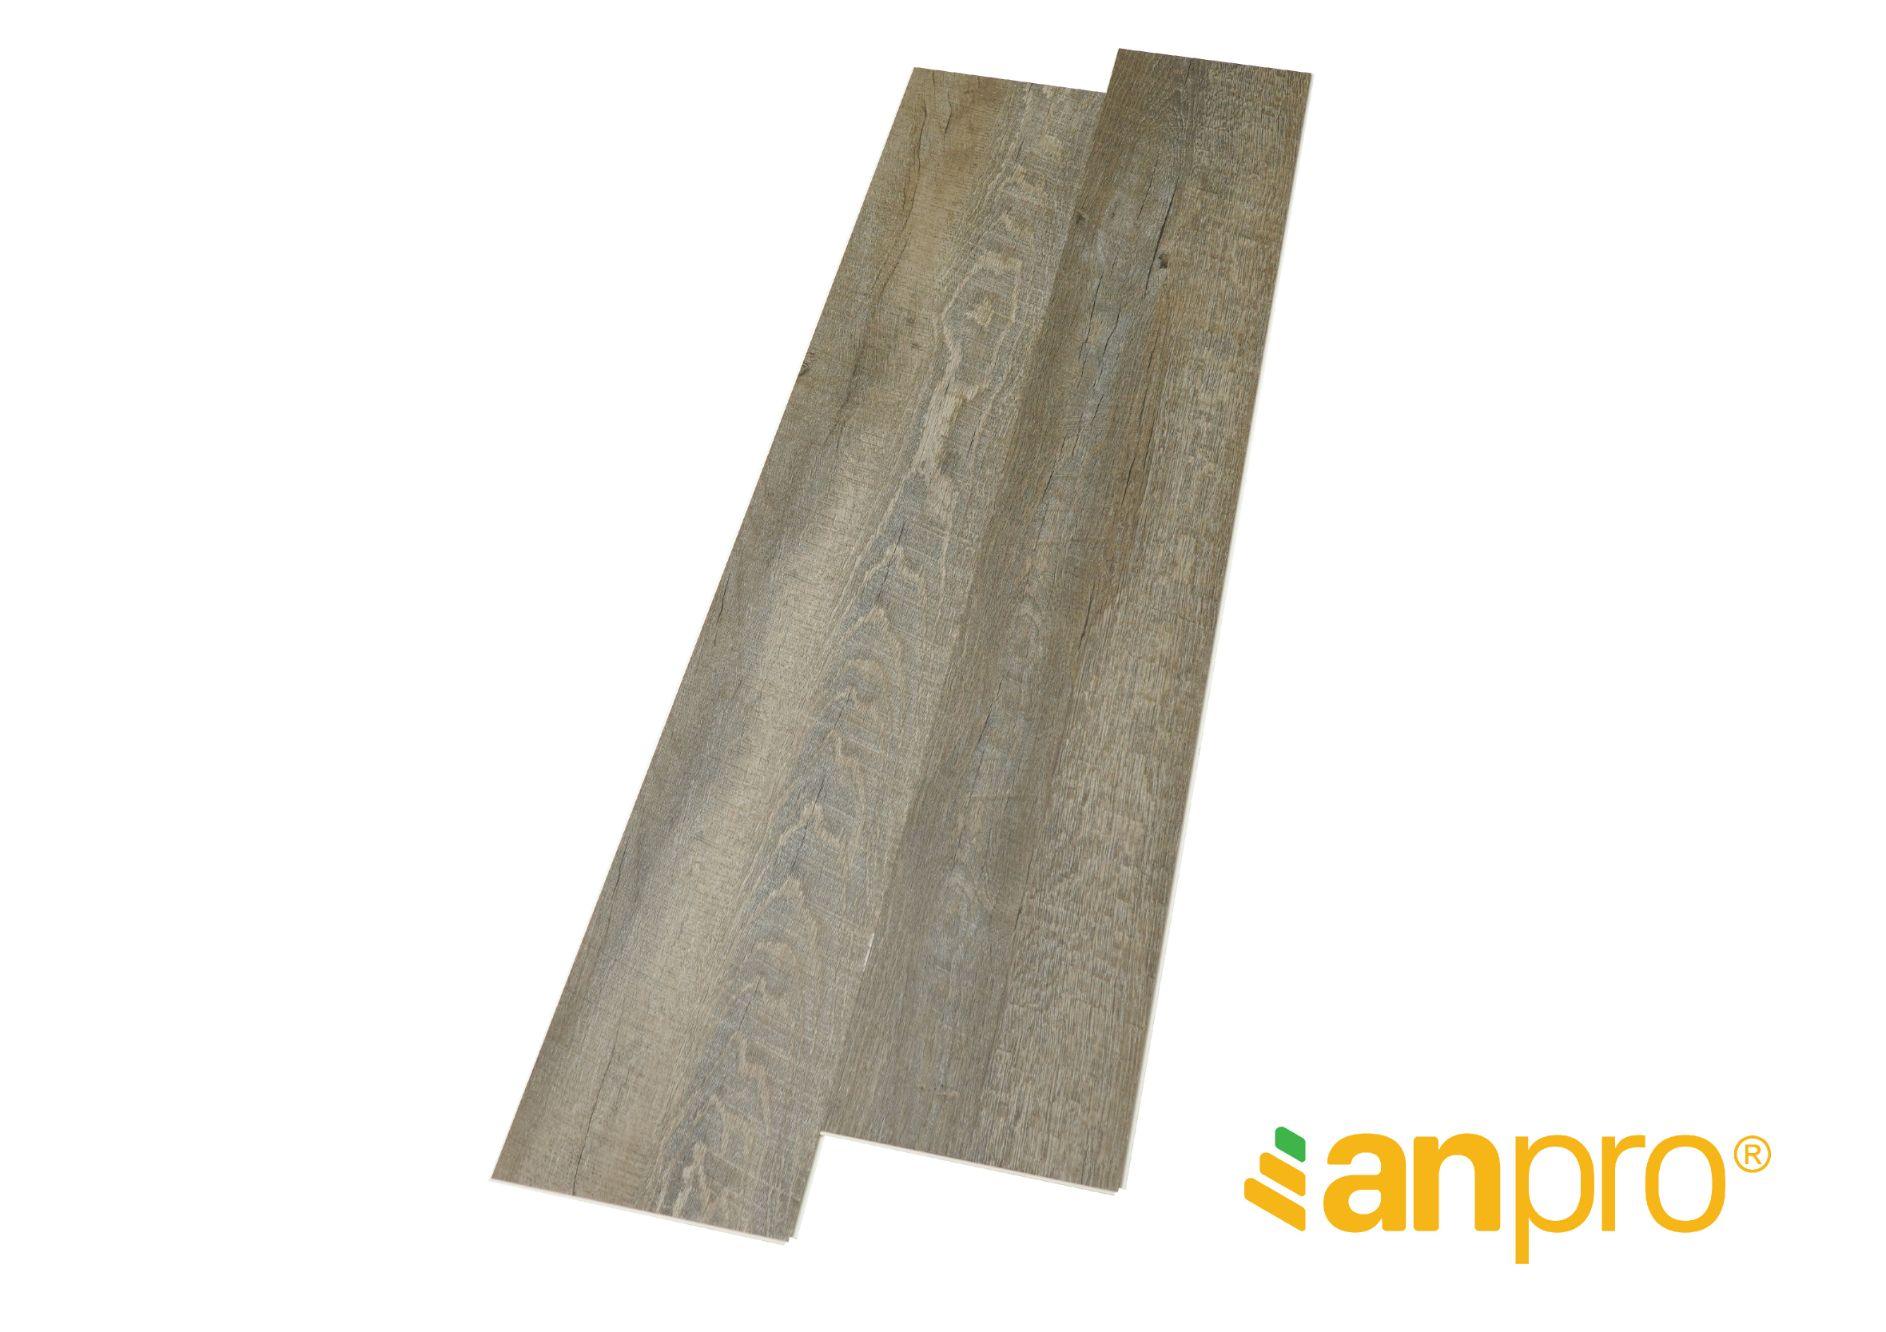 SA138 01 01 01 - Sàn AnPro vân gỗ SA138